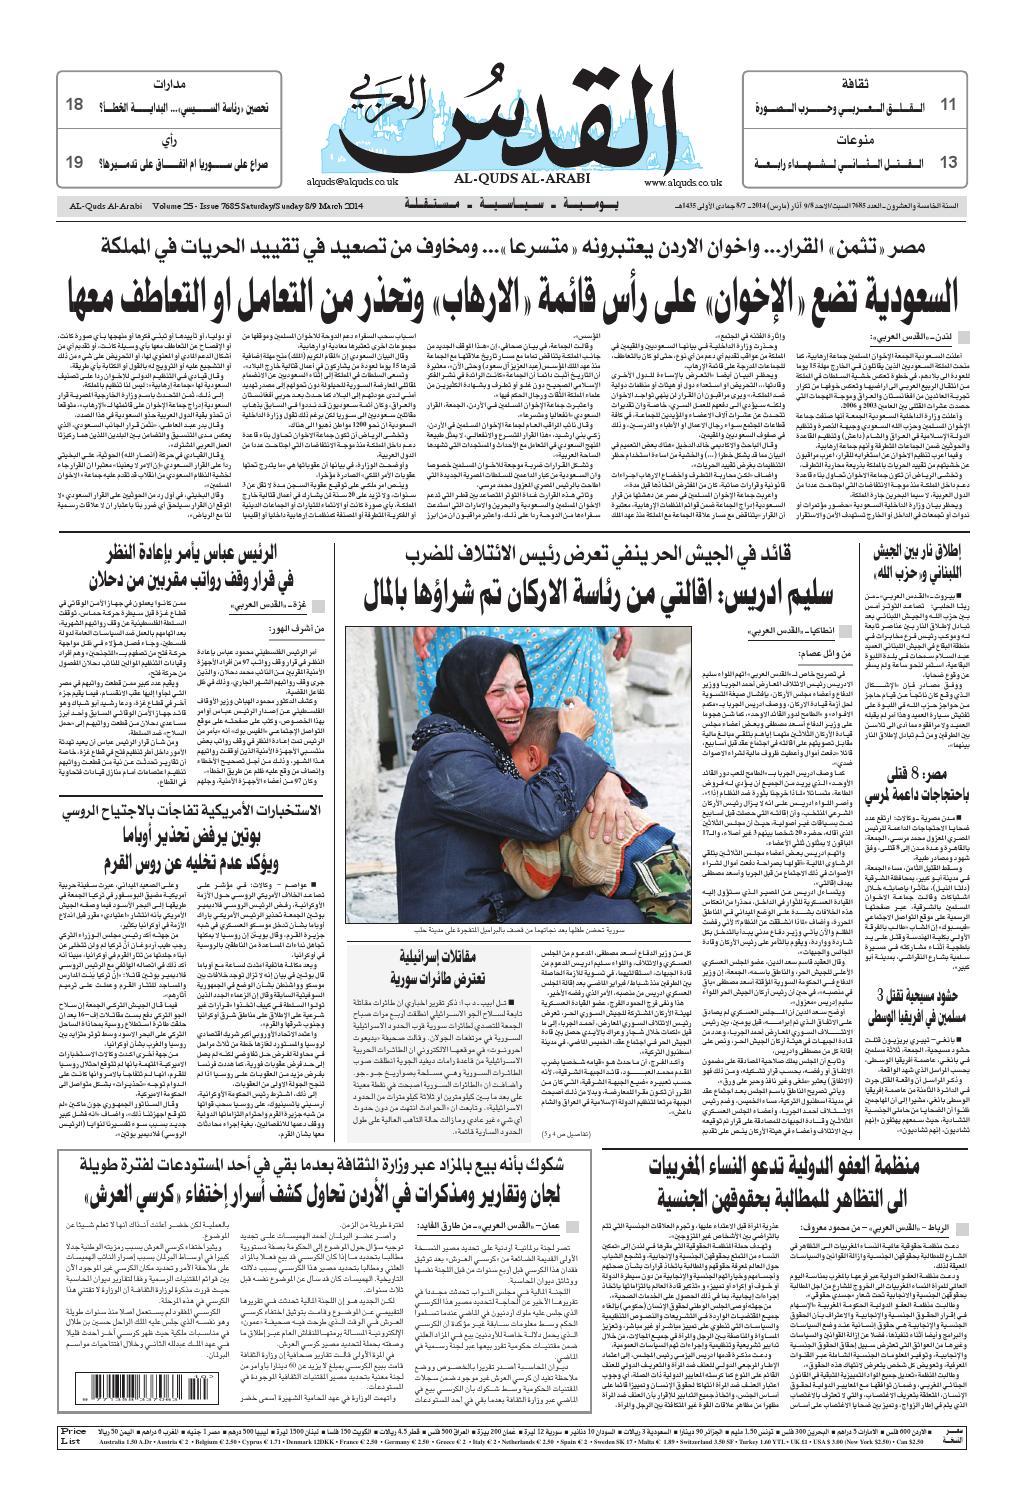 صحيفة القدس العربي السبت والأحد 0809032014 By مركز